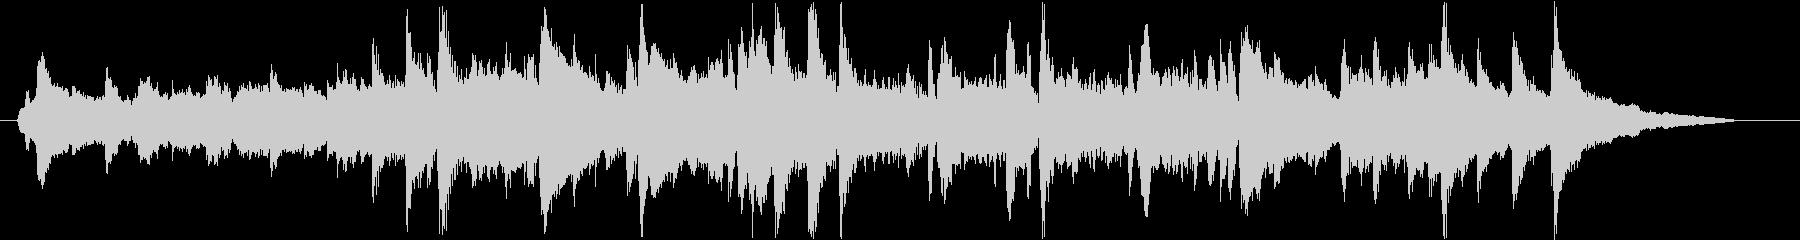 これは、フレンチスタイルと優しい弦...の未再生の波形